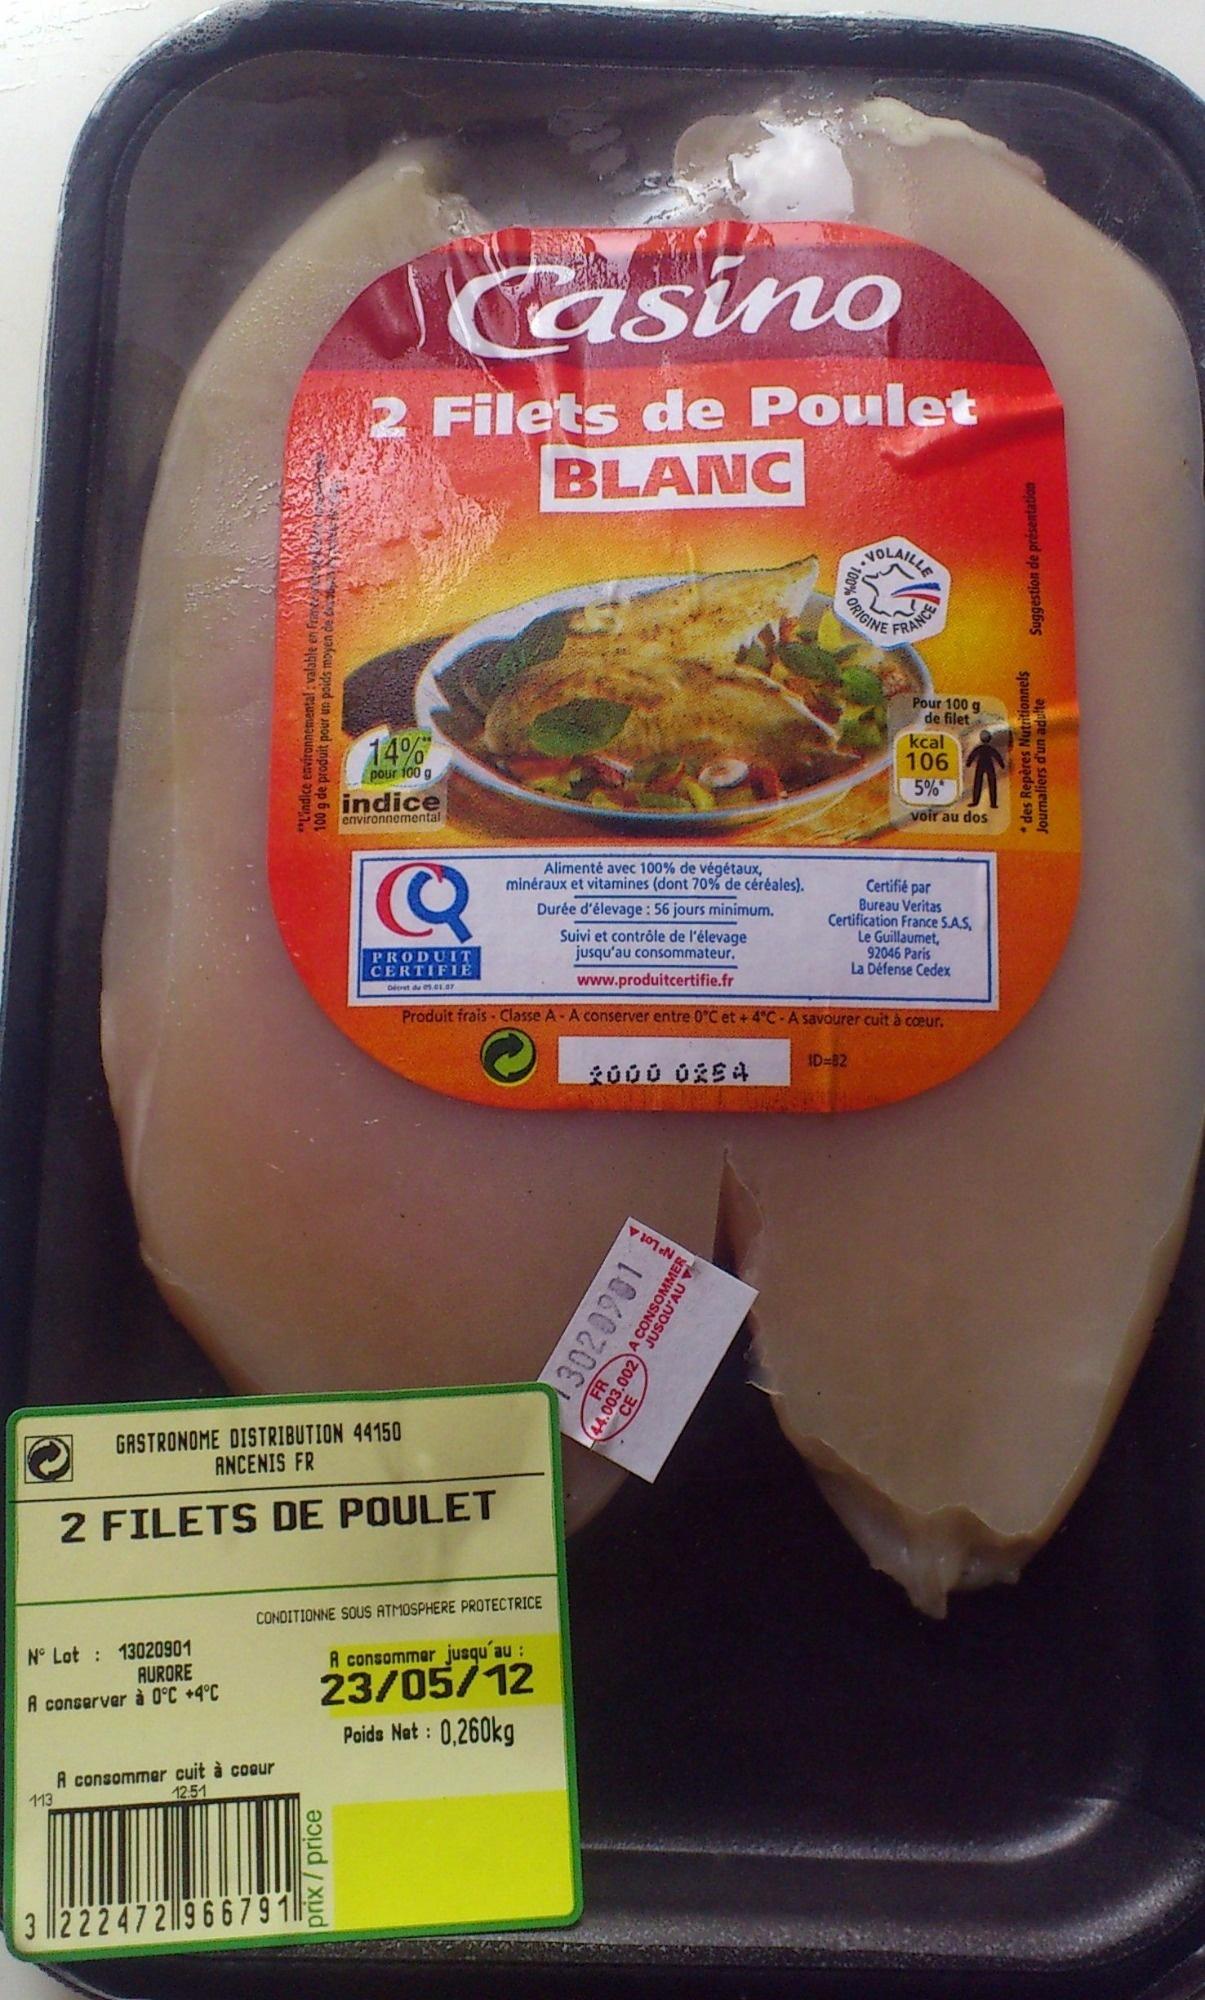 Filets de poulets, blanc - Produit